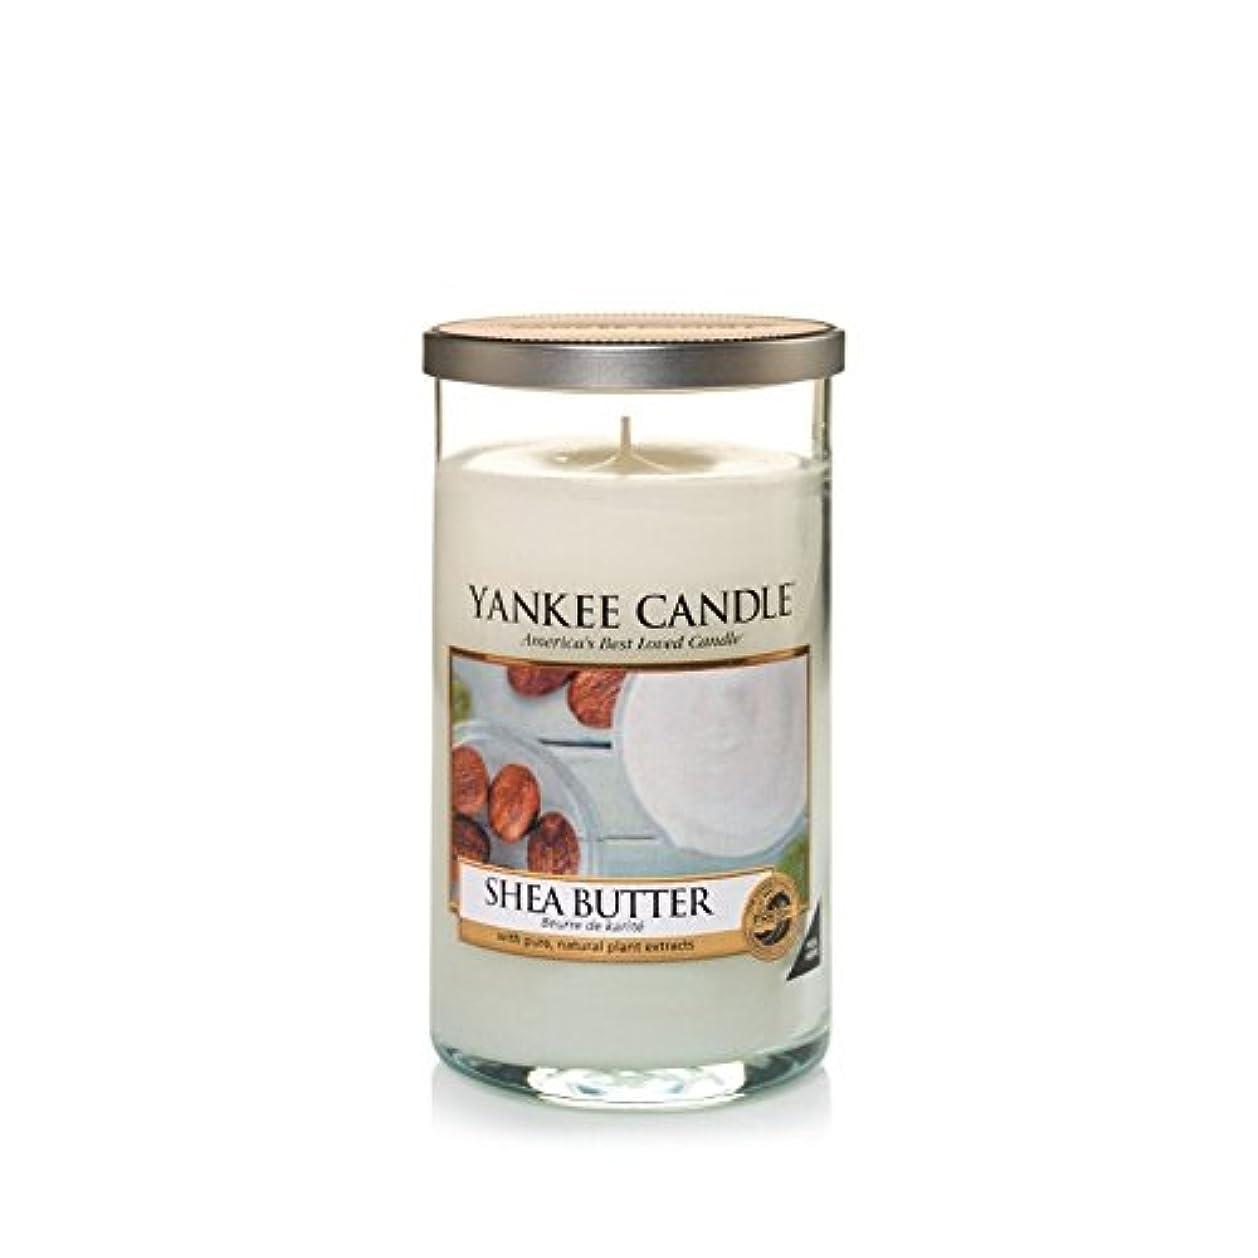 厚さ重要ペパーミントYankee Candles Medium Pillar Candle - Shea Butter (Pack of 2) - ヤンキーキャンドルメディアピラーキャンドル - シアバター (x2) [並行輸入品]